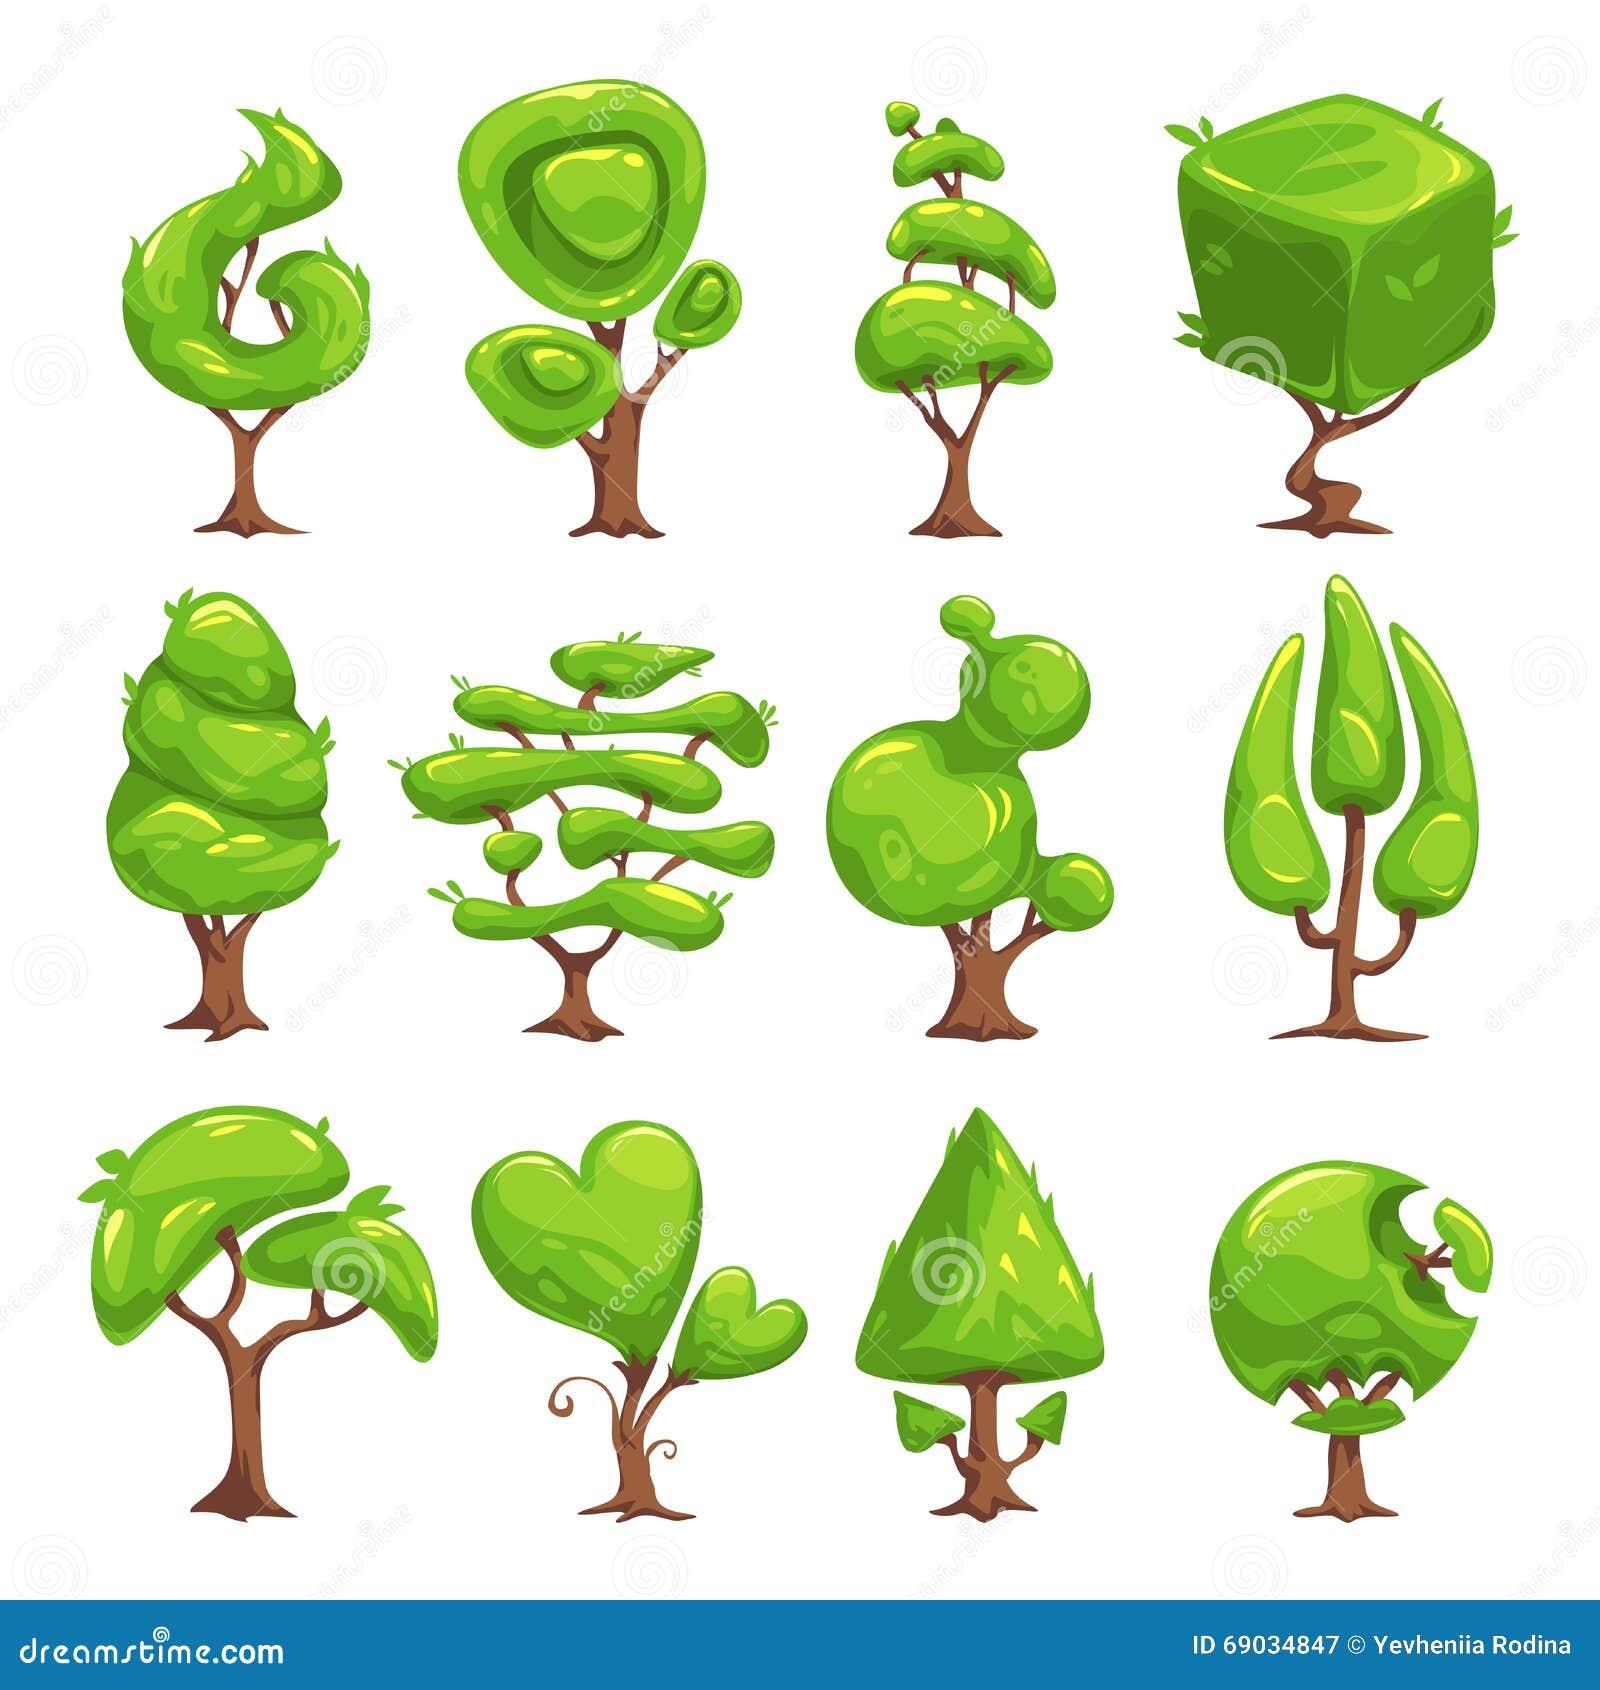 Funny Cartoon Fantasy Shape Tree Set Stock Vector - Image ...